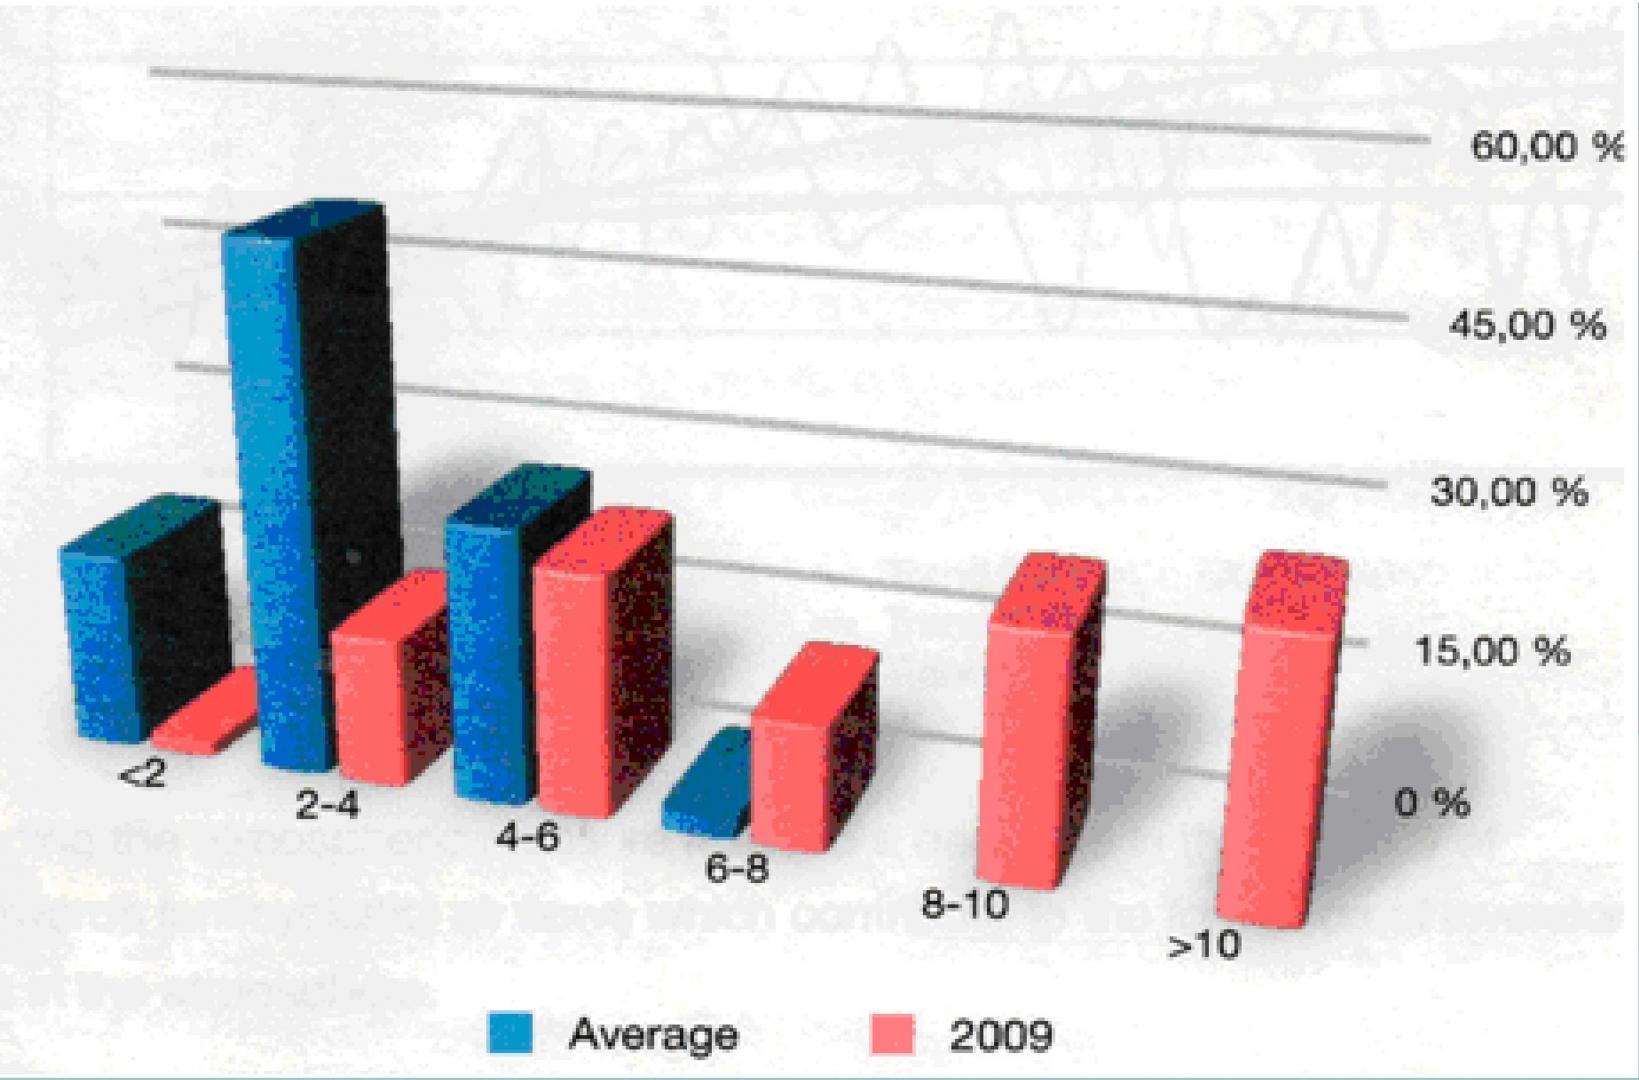 Рис. 4. Диаграммы распределения горизонтальной скорости ветра